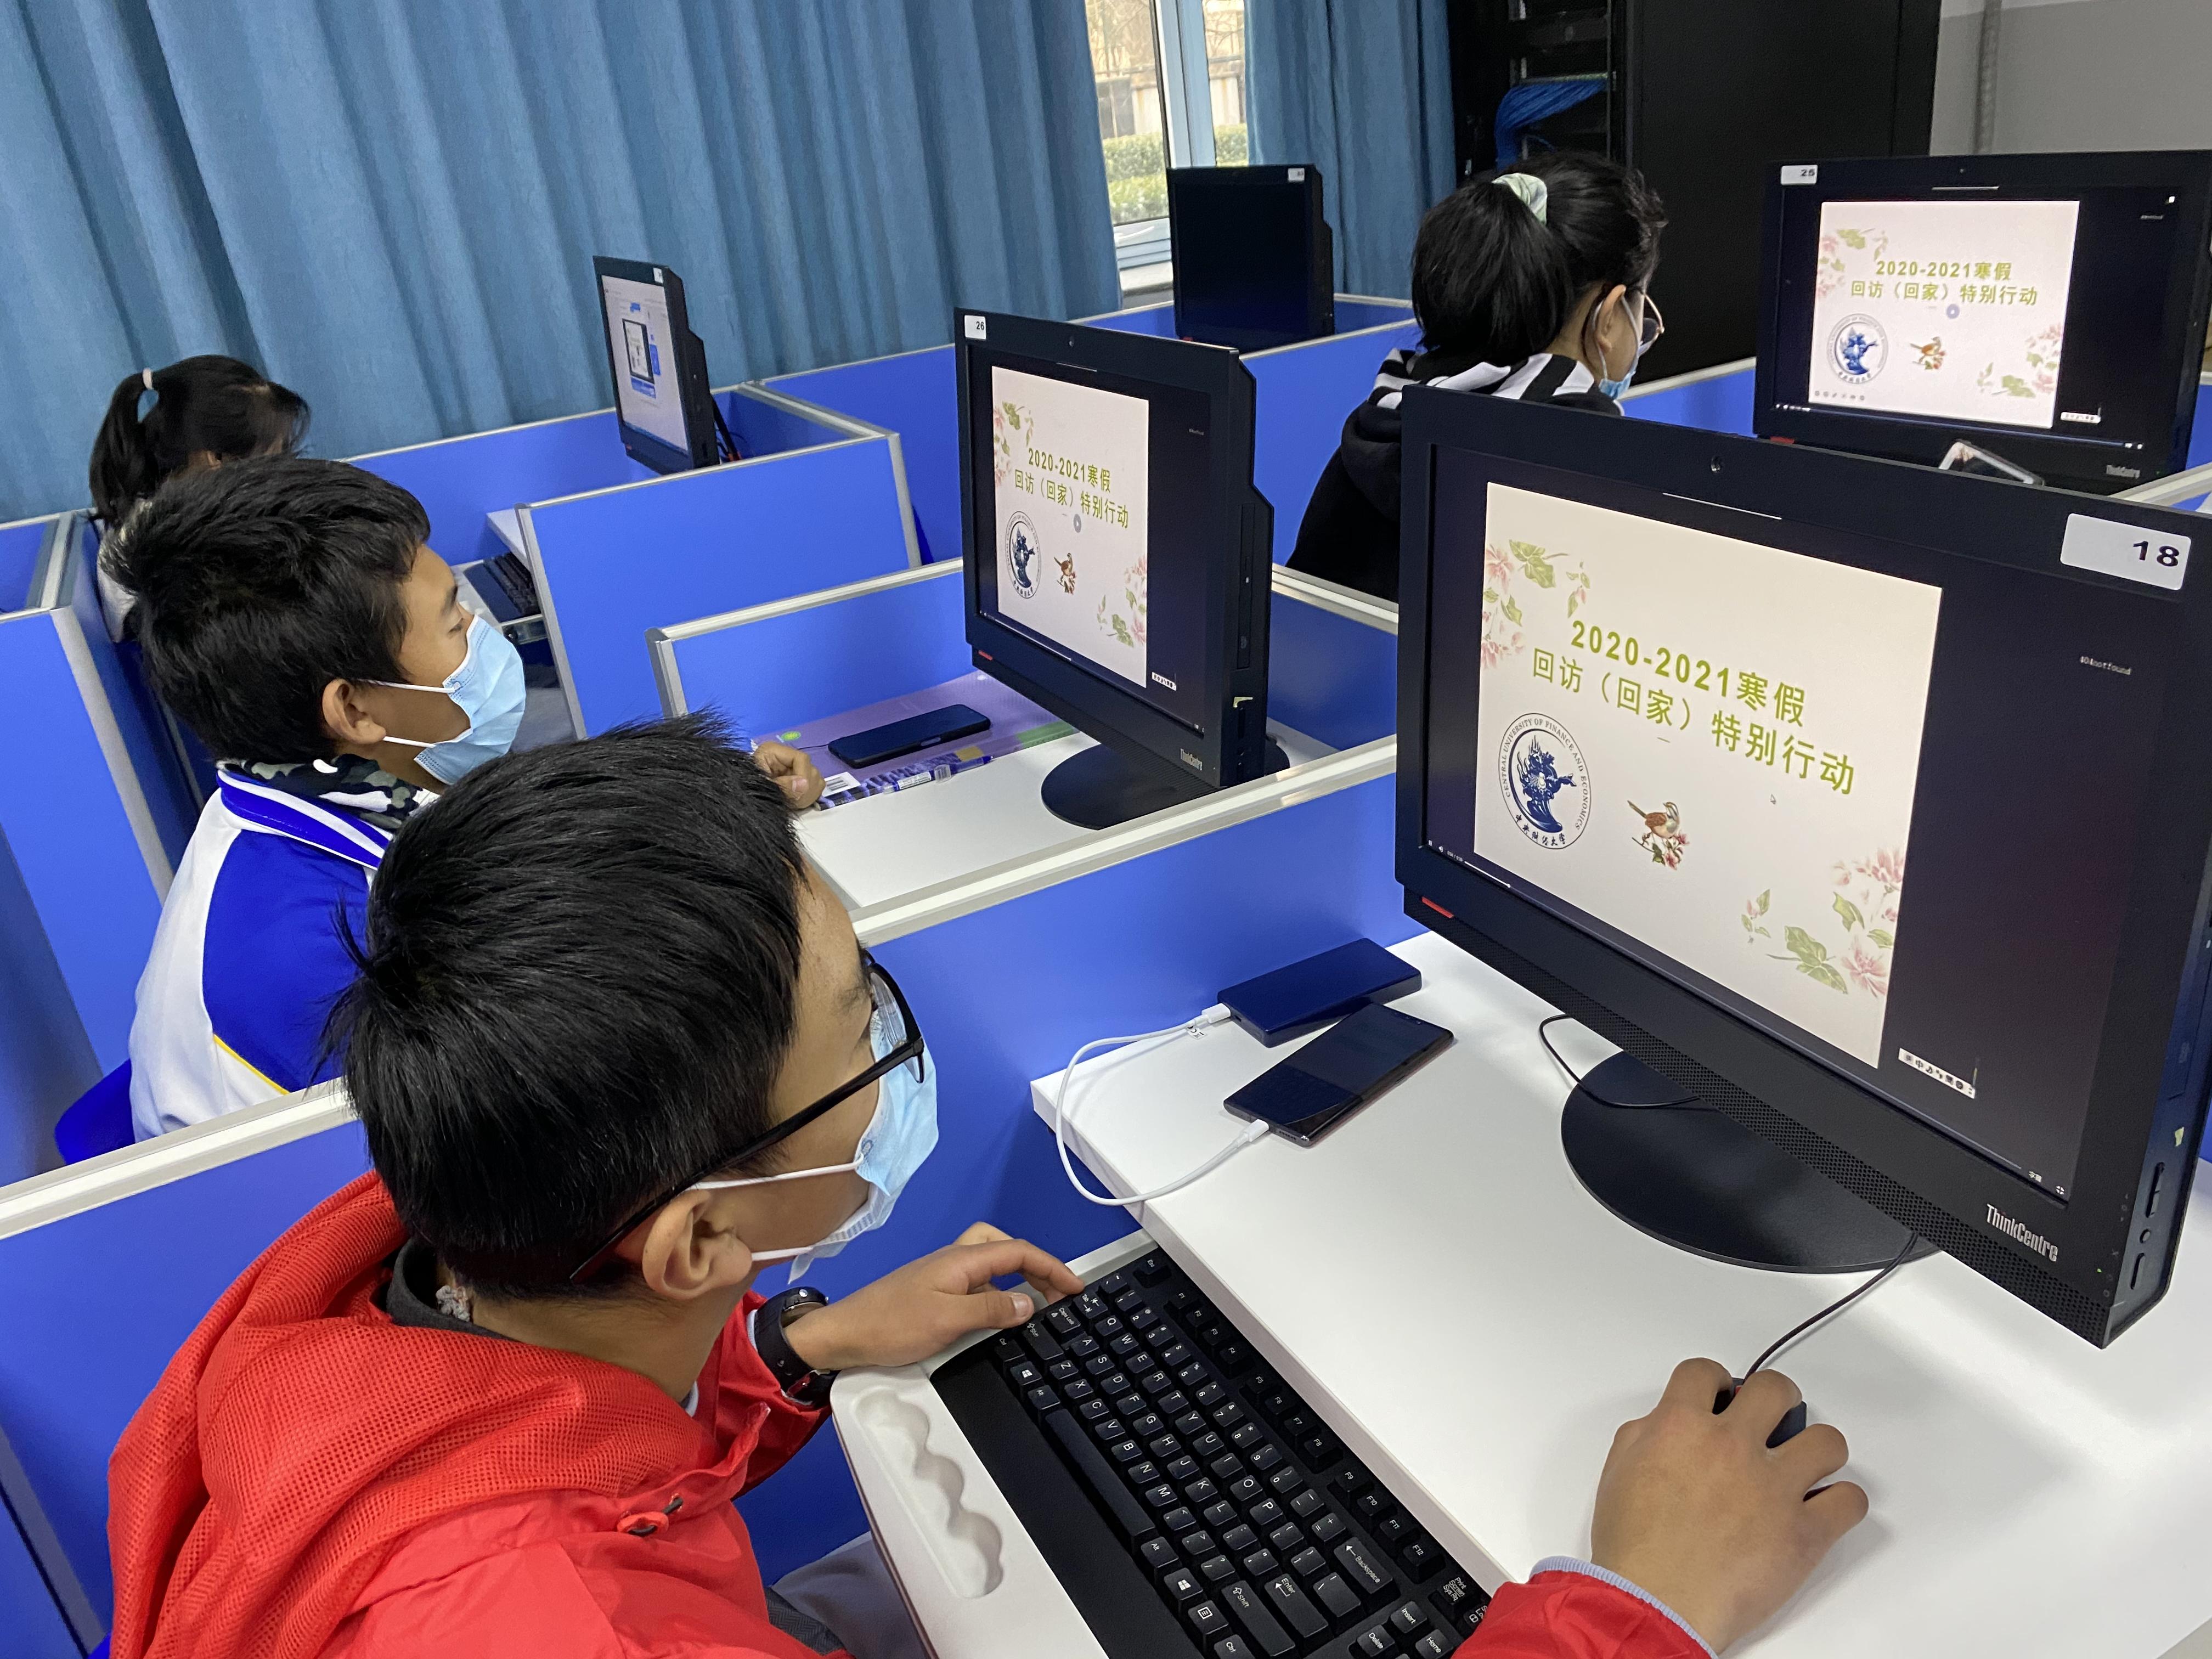 学生在信息教室参与大学面对面活动.jpg